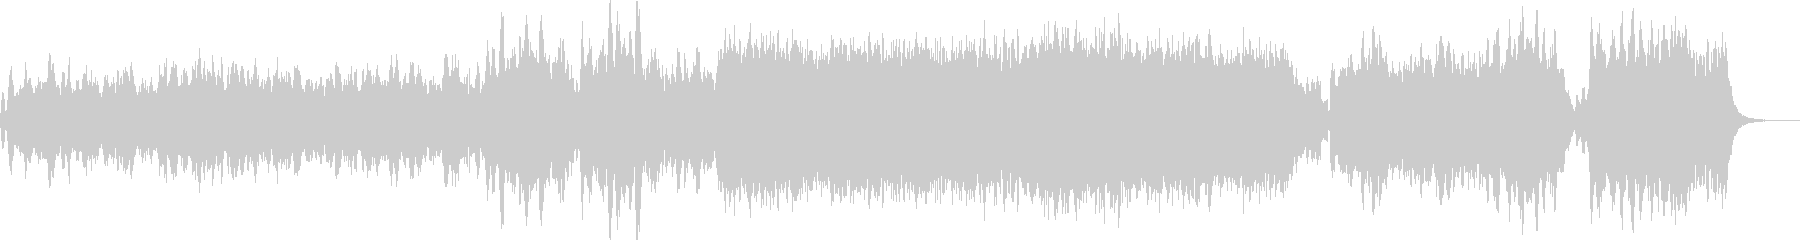 シンセとストリングスによる幻想曲の未再生の波形